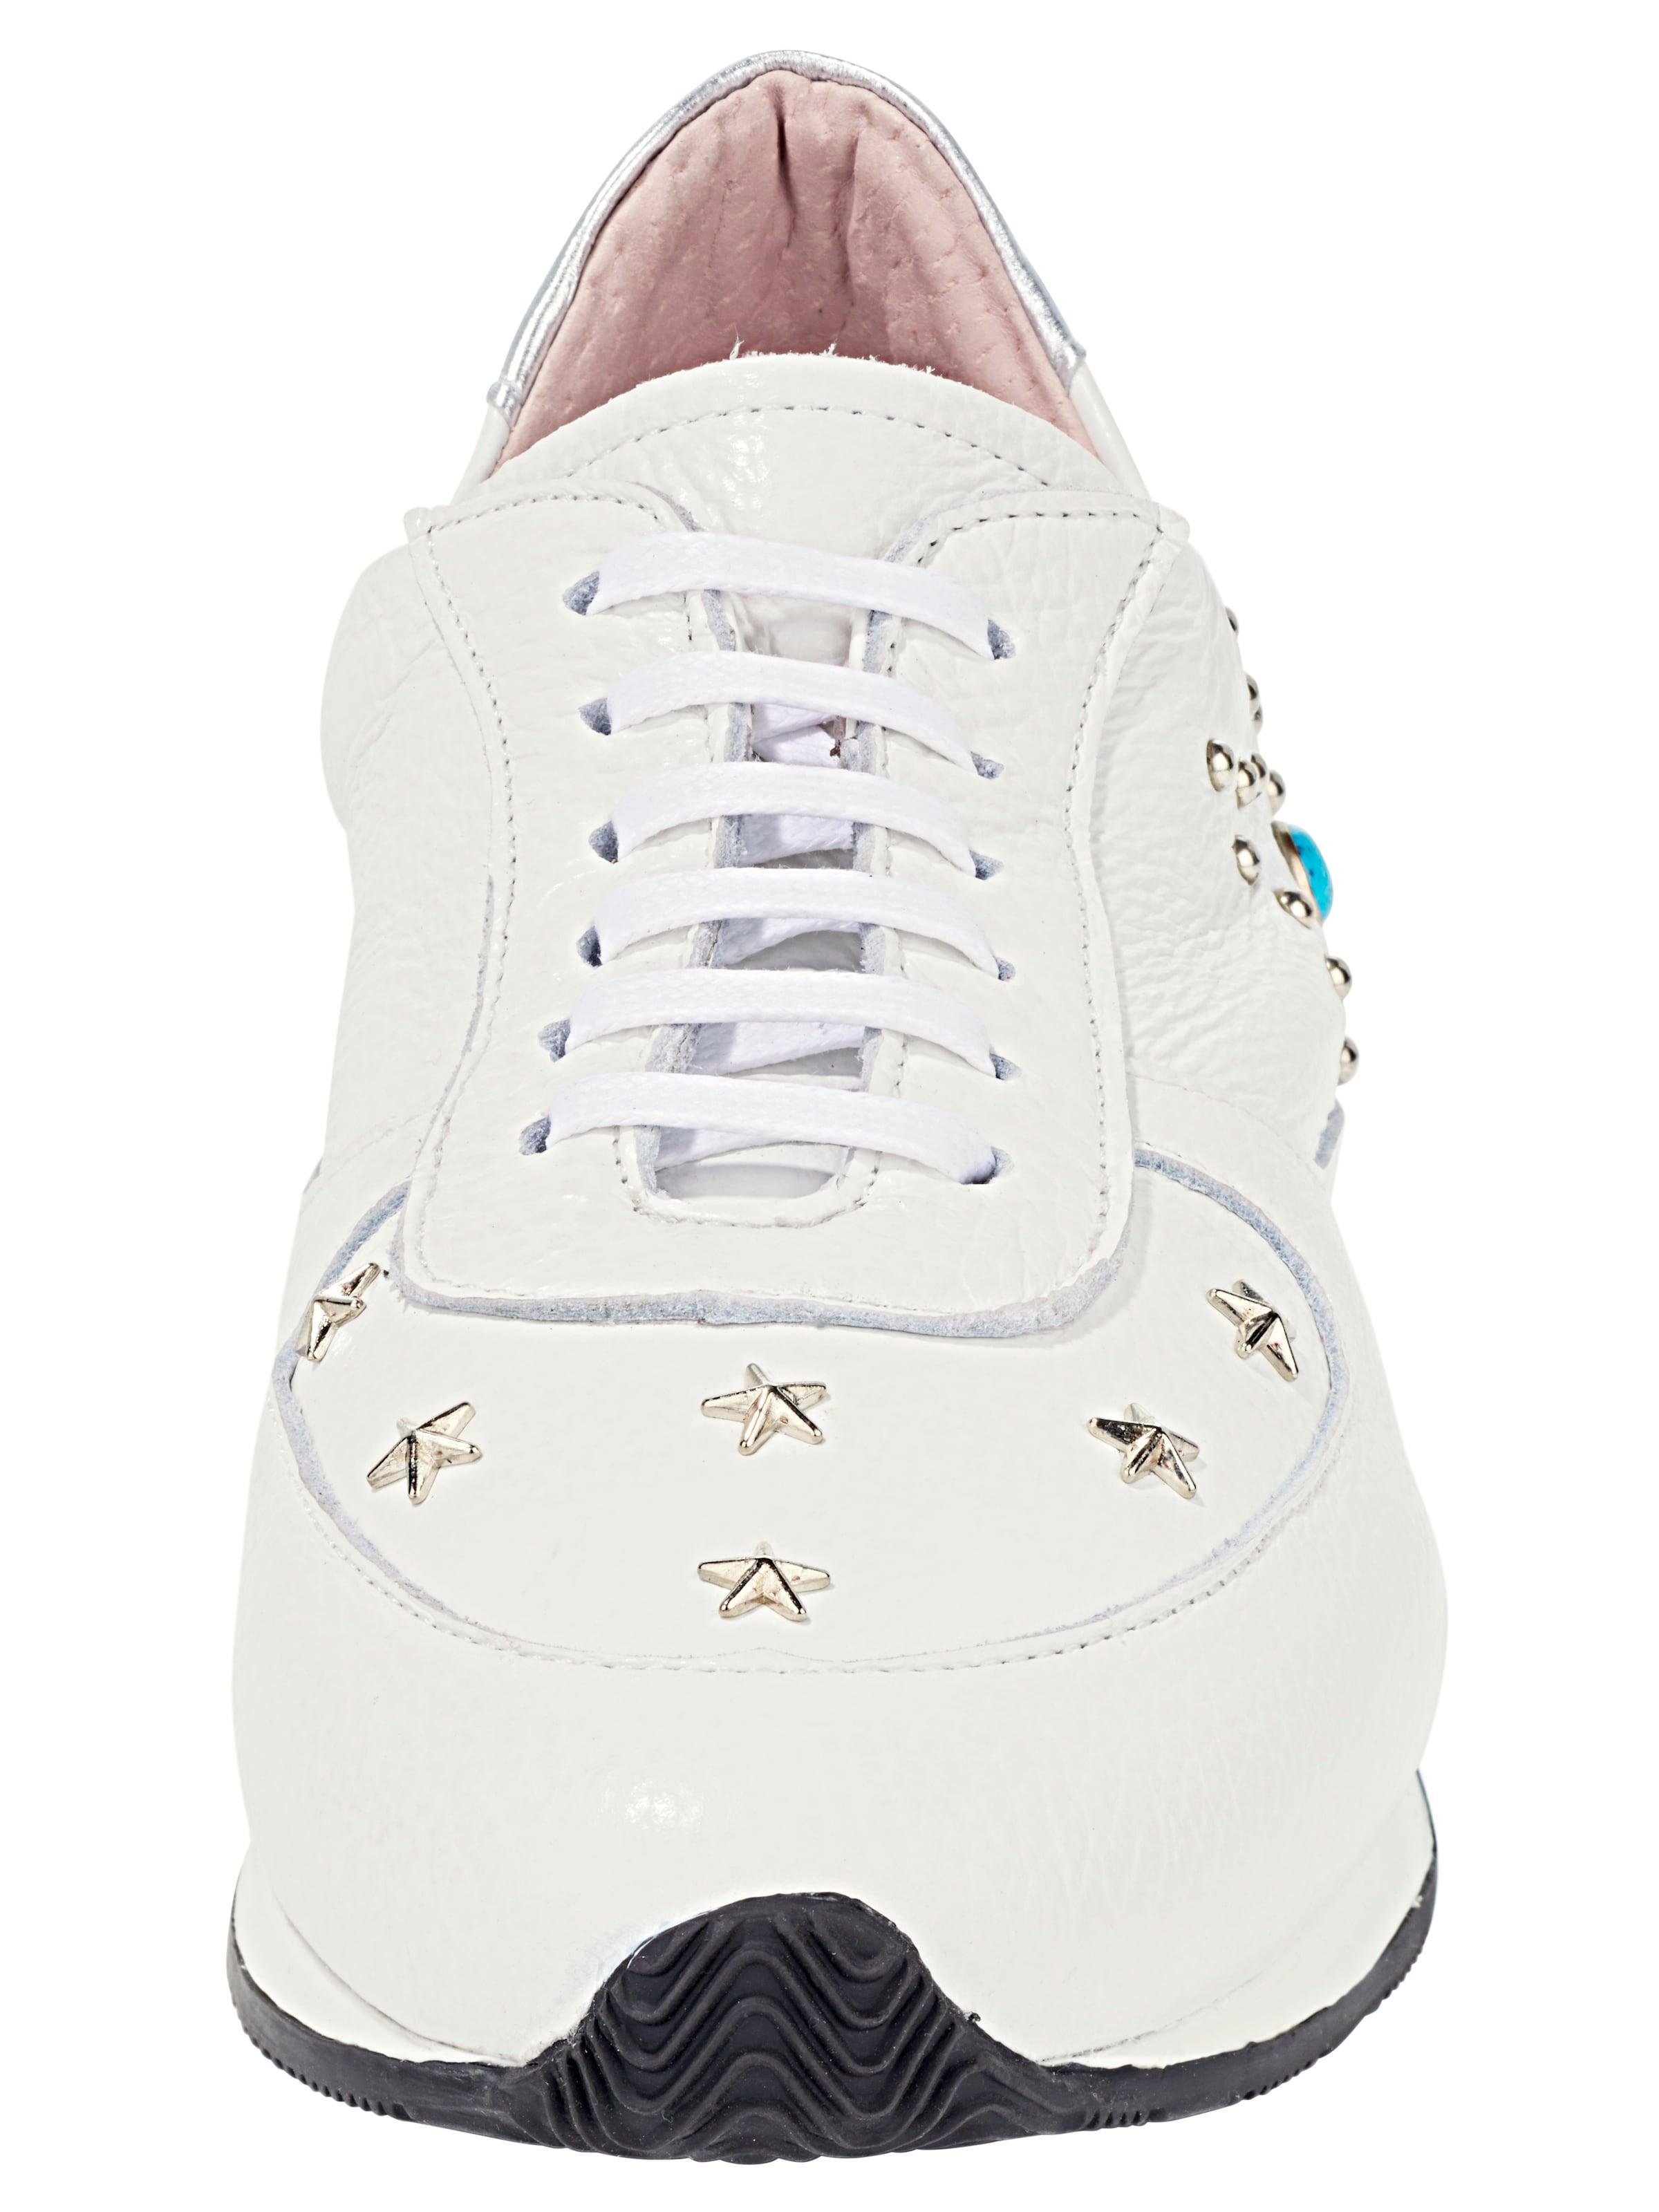 heine Sneaker Professionelle Günstig Online Freies Verschiffen Erstaunlicher Preis  Wo Sie Finden Können ZxOuFt7oB8